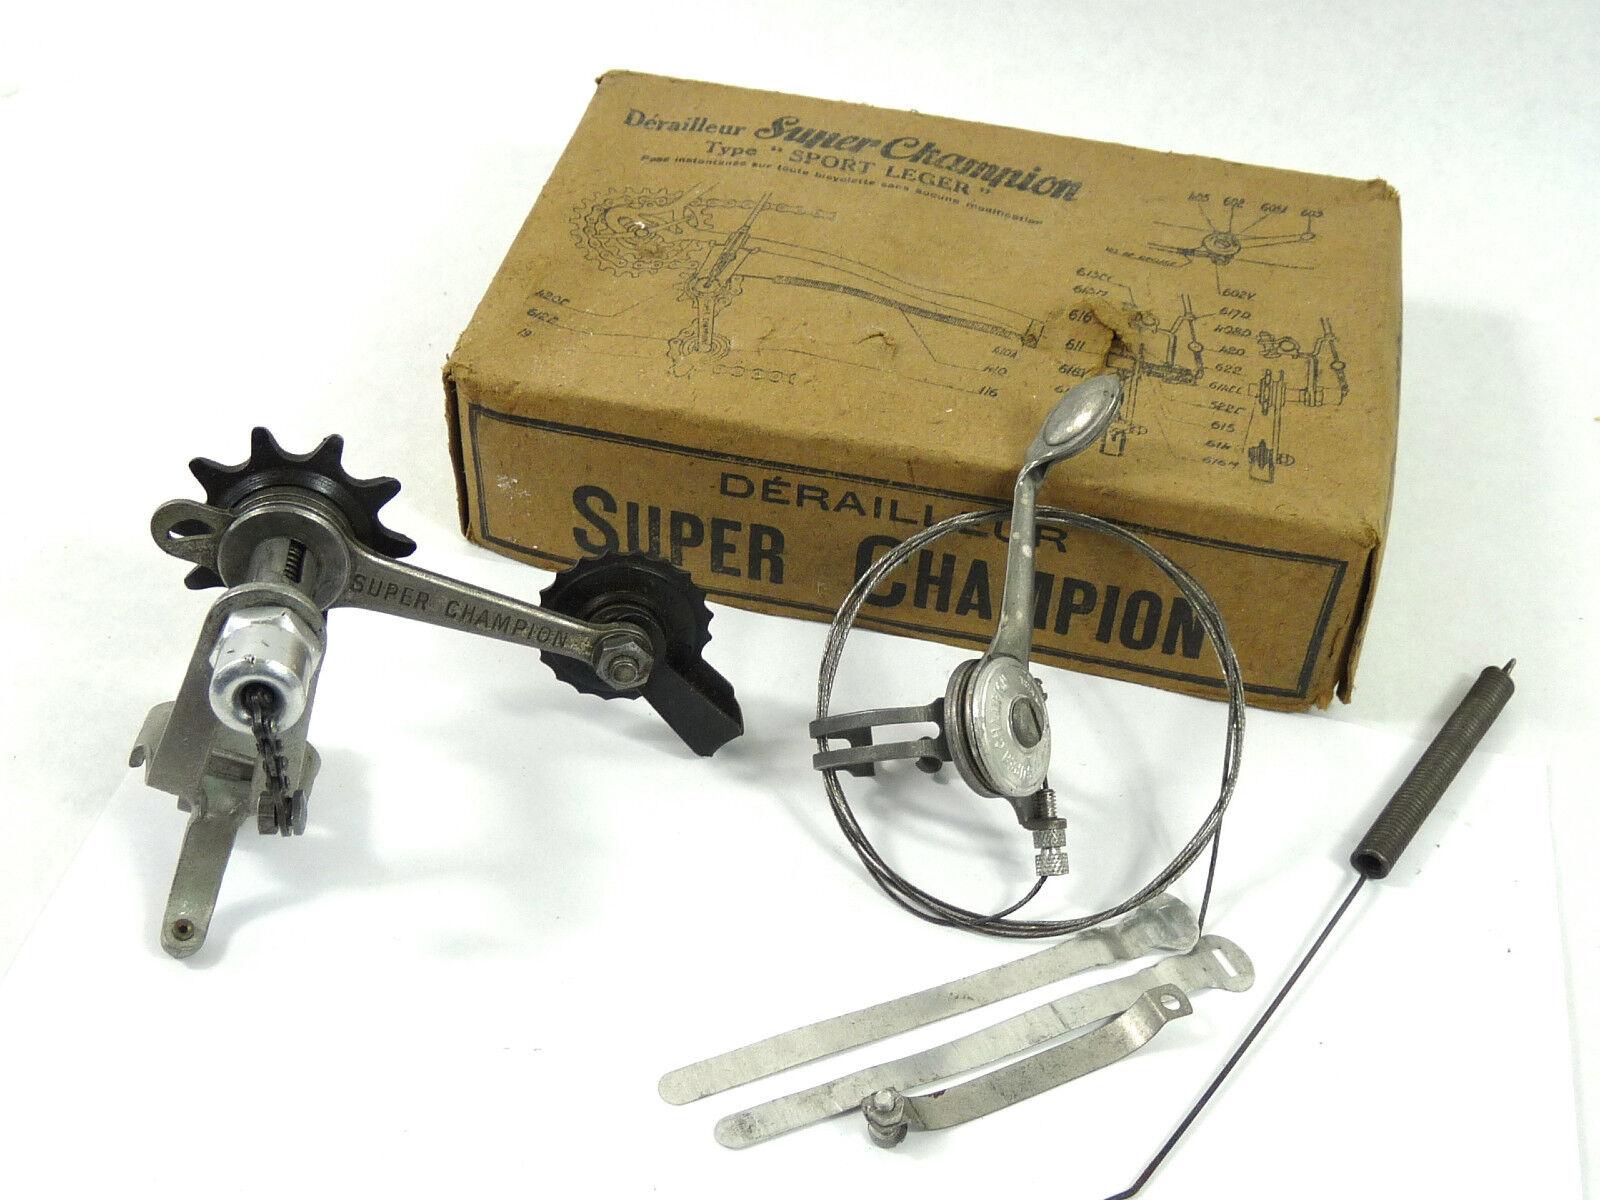 Super Champion Derailleur Sport Leger W Shifter & Cable 1940'S Vintage Bike NOS